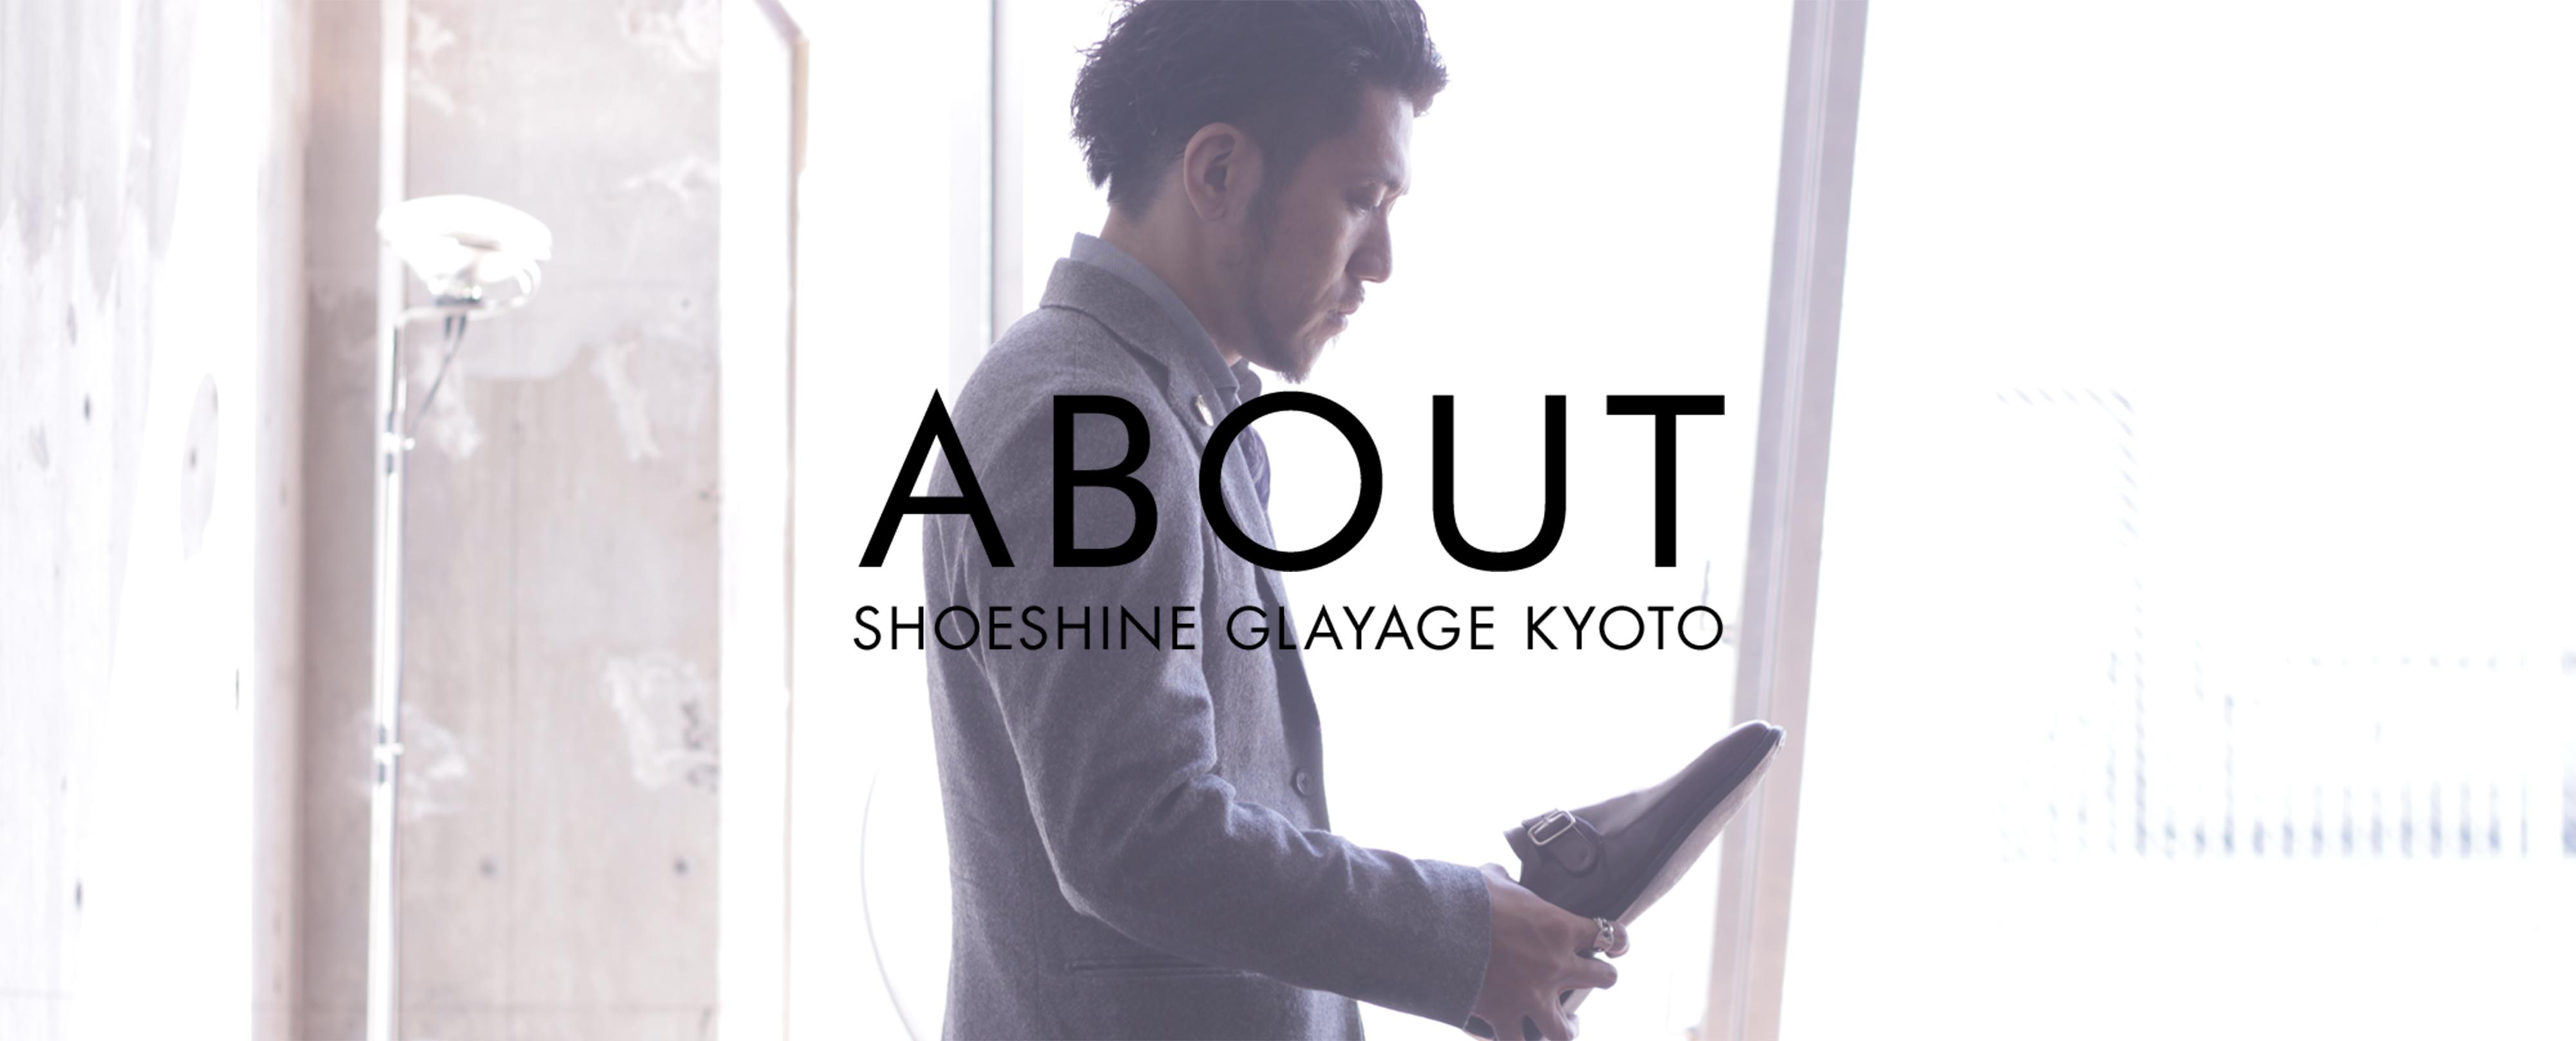 GLAYAGE KYOTOとは(ABOUT US)